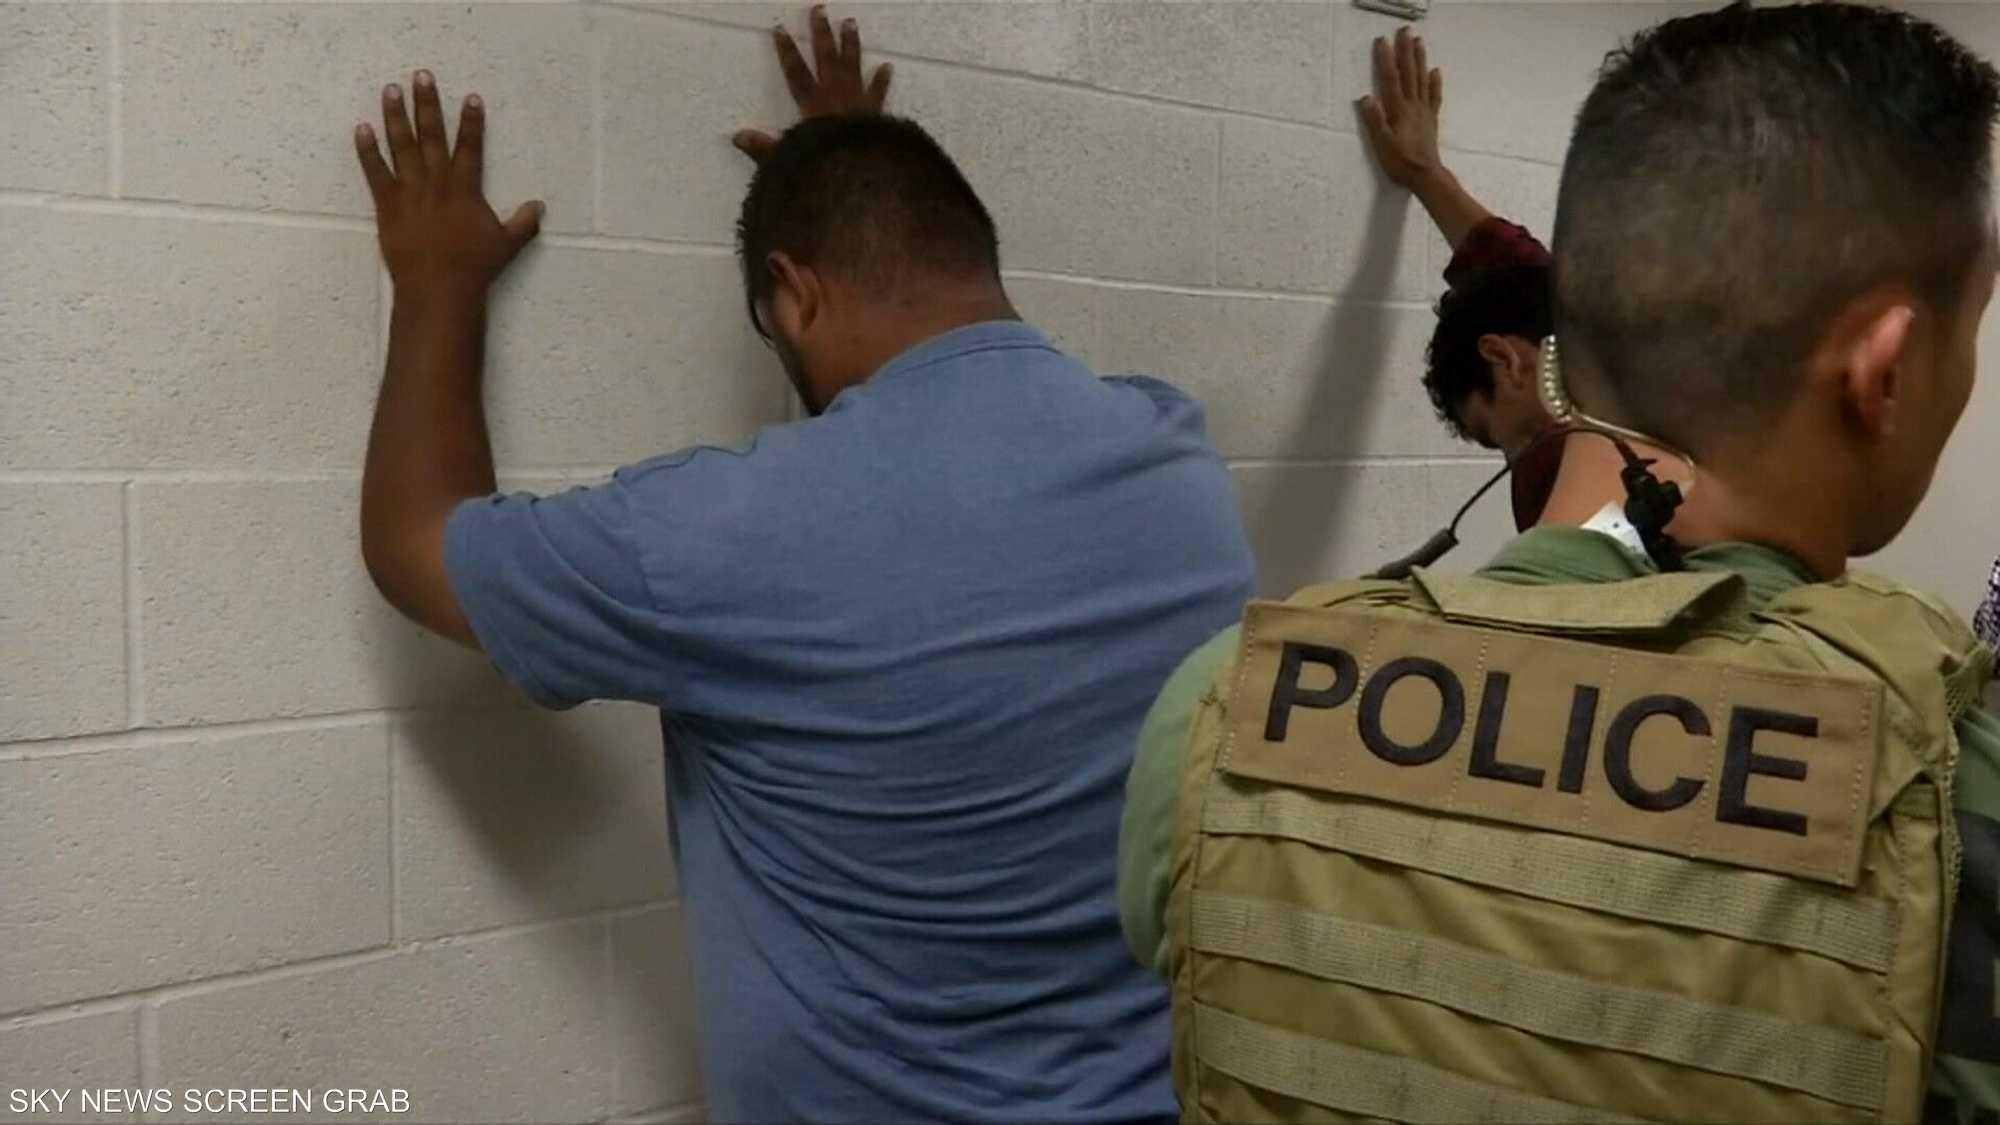 إدارة الهجرة الأميركية تبدأ باعتقال الآلاف من المهاجرين